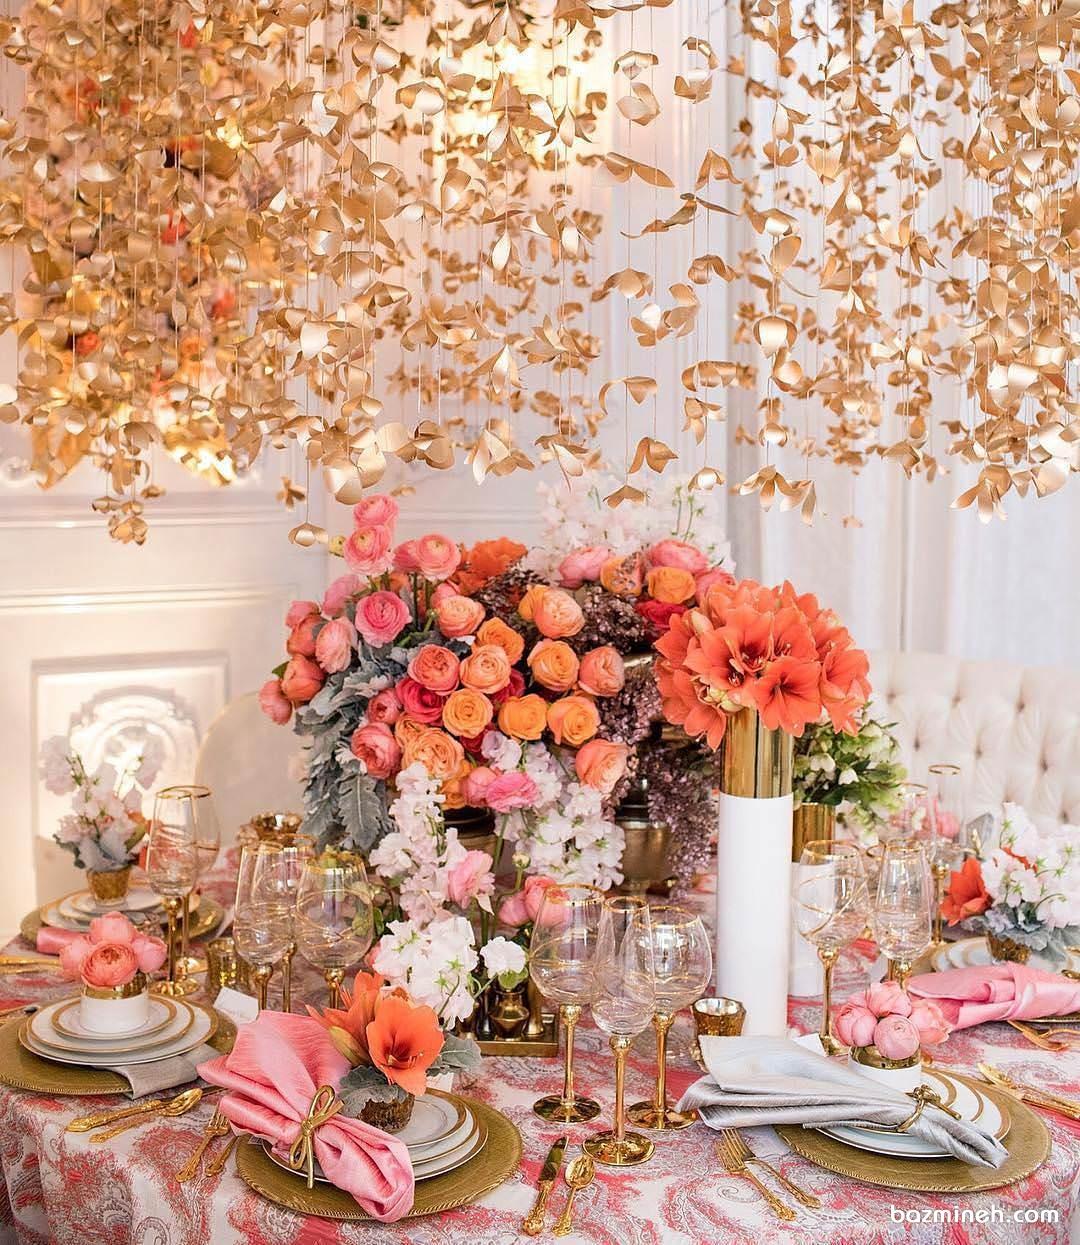 دیزاین شیک میز پذیرایی مجالس باشکوه با گل های طبیعی نارنجی و گل های کاغذی طلایی